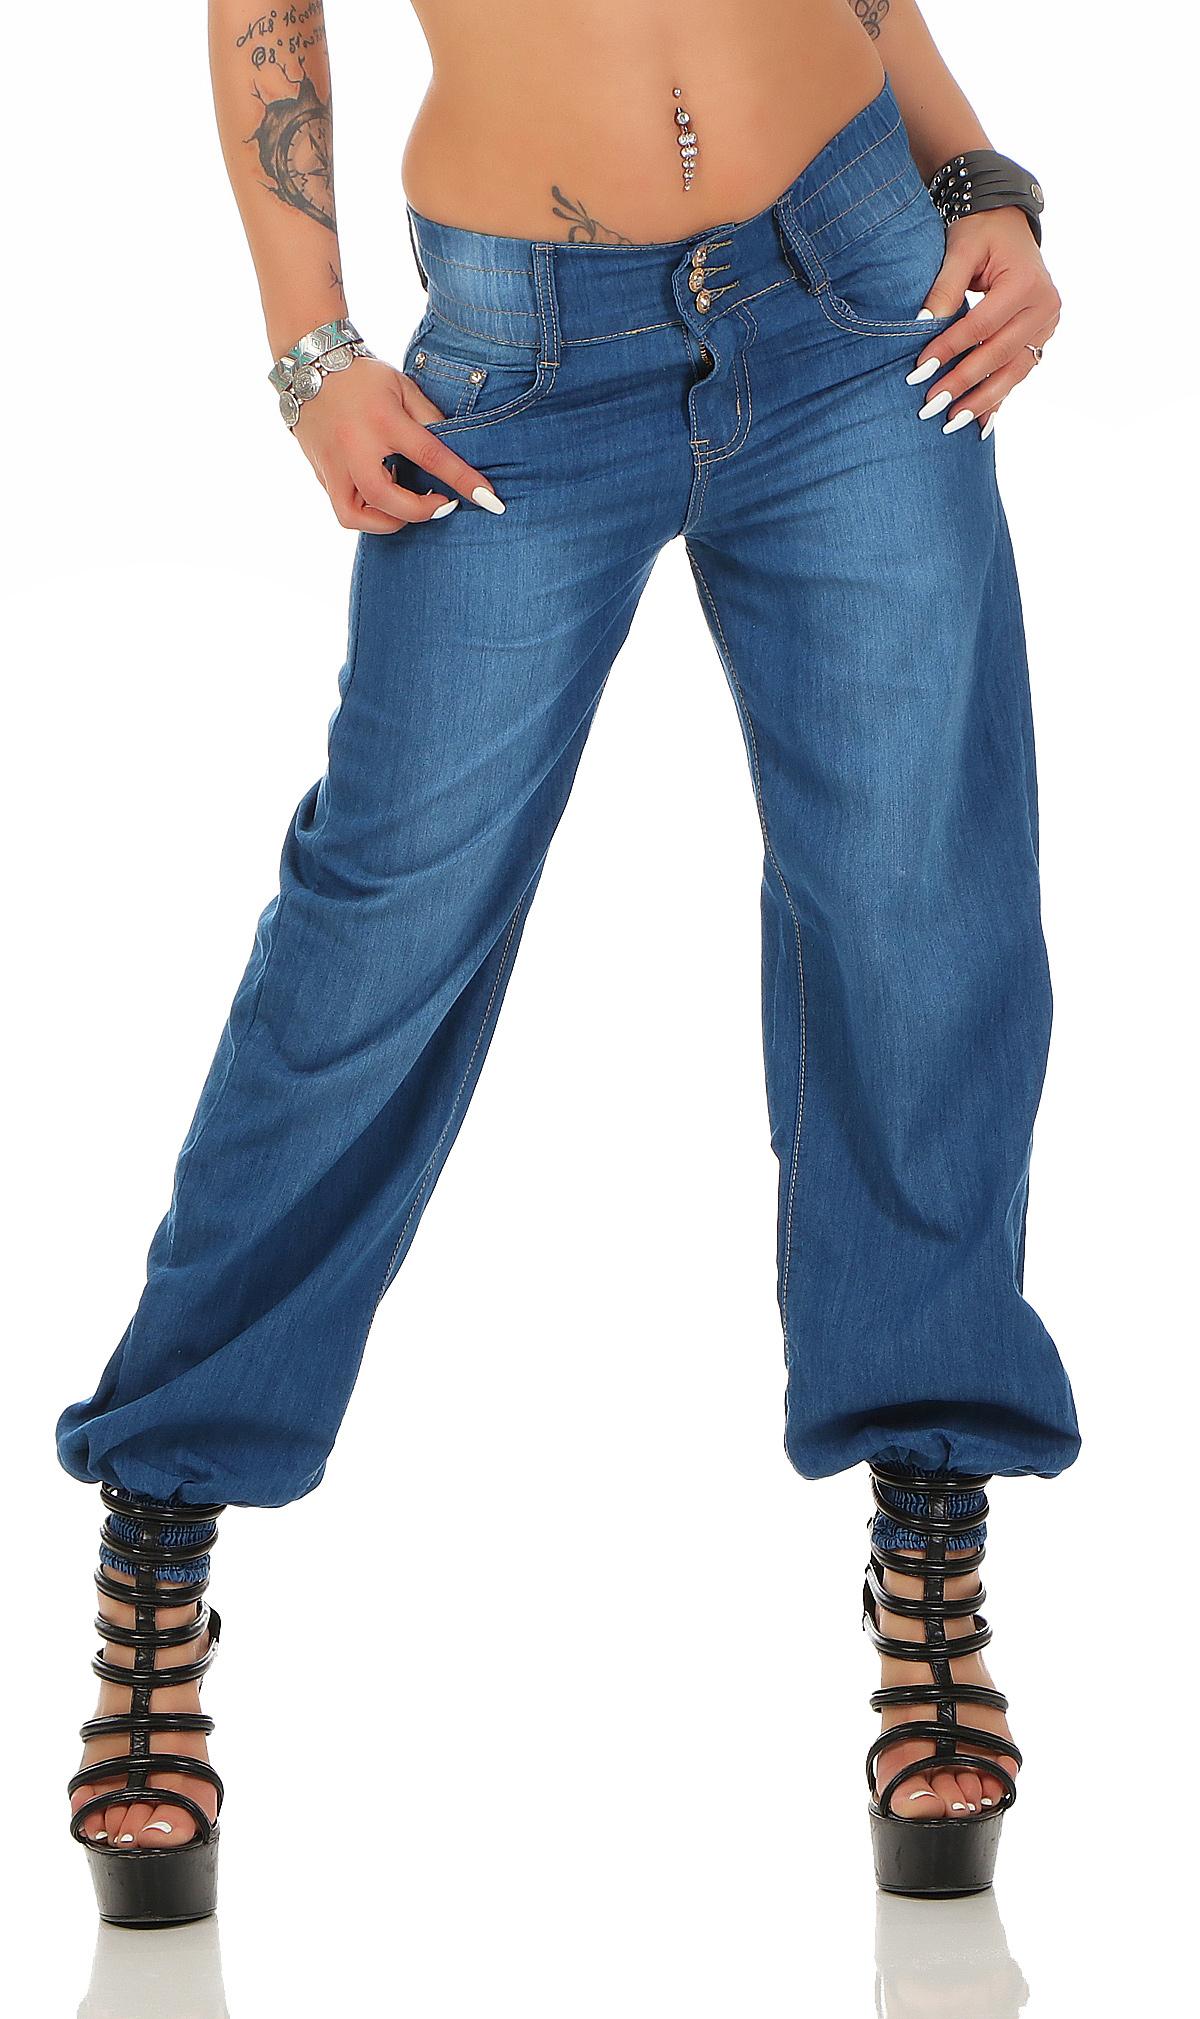 damen jeans haremshose pluderhose aladin boyfriend pants. Black Bedroom Furniture Sets. Home Design Ideas